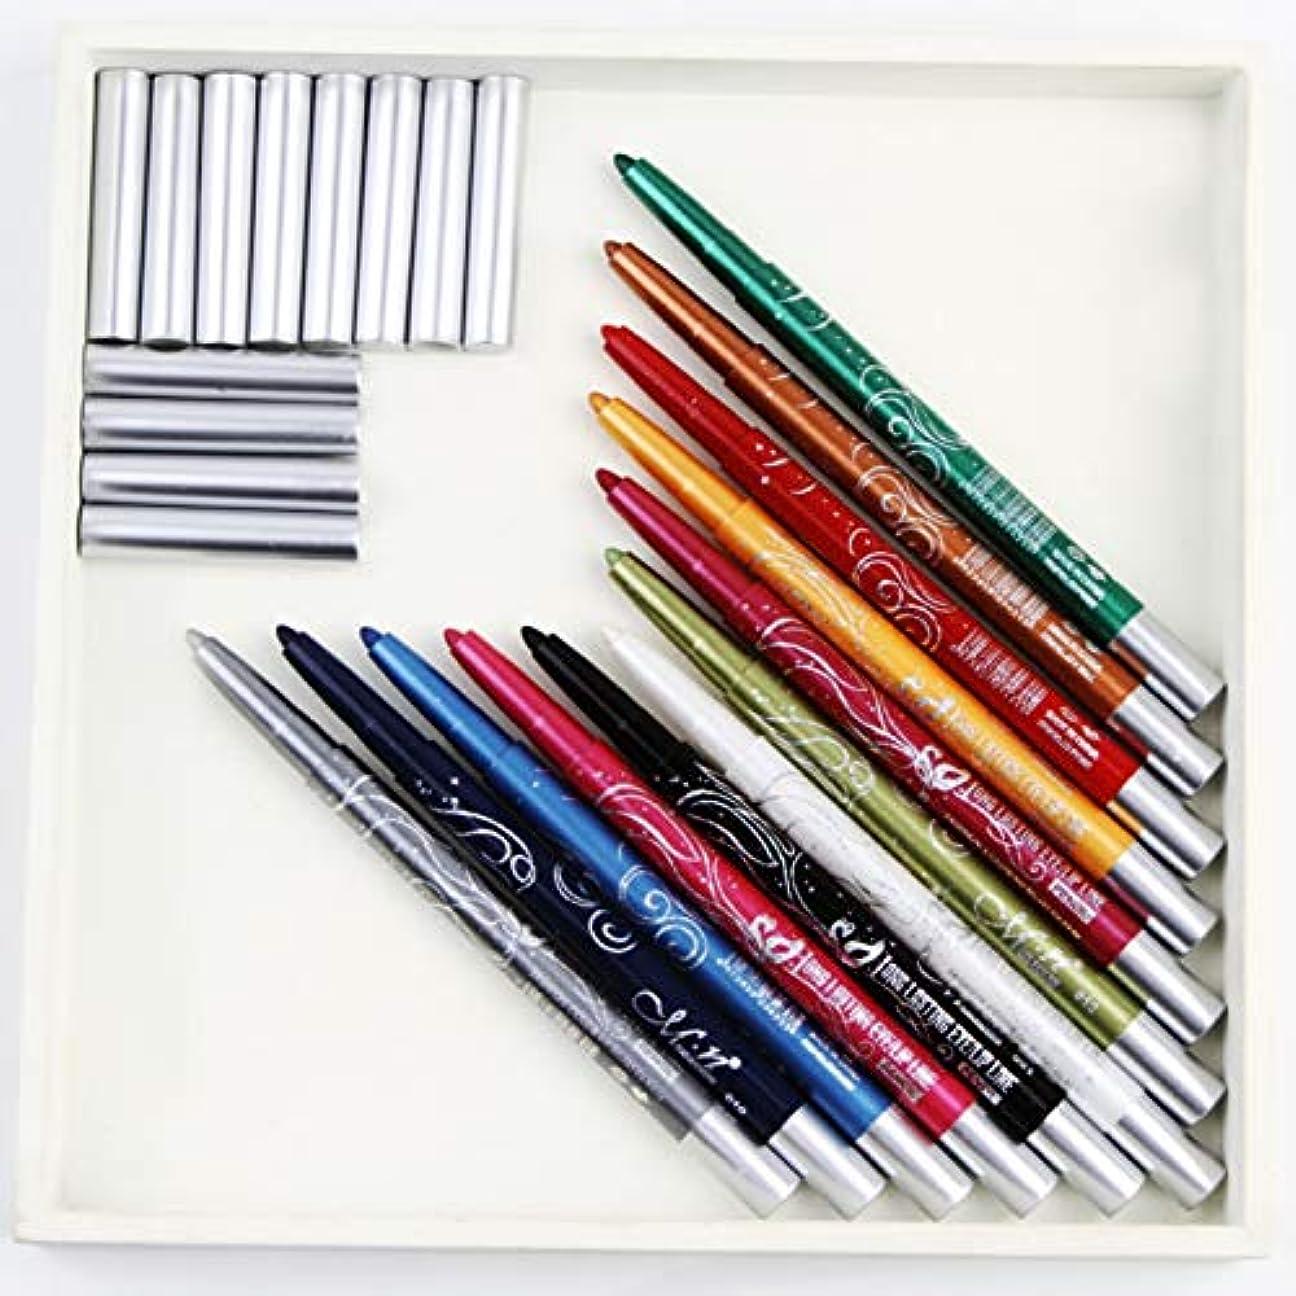 対応する引数見つけたWadachikis アイシャドウペンファッションペン新しい色髪色(None 1)